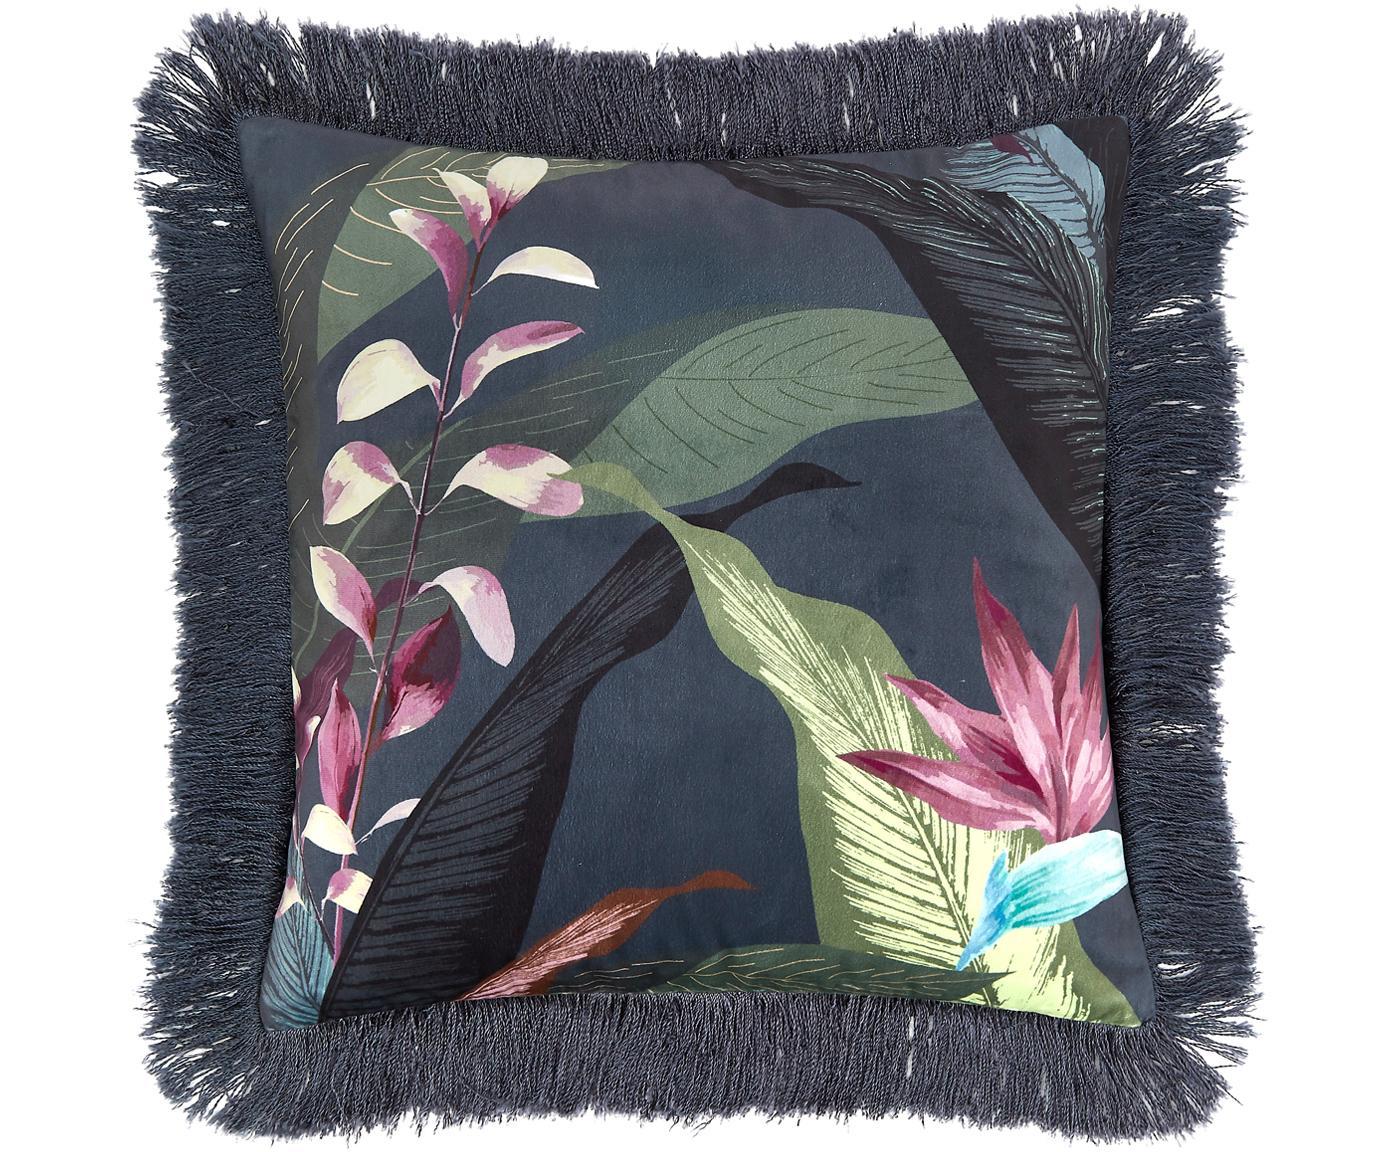 Poszewka na poduszkę z aksamitu z frędzlami Flora, Wielobarwny Frędzle: ciemny zielony, S 40 x D 40 cm